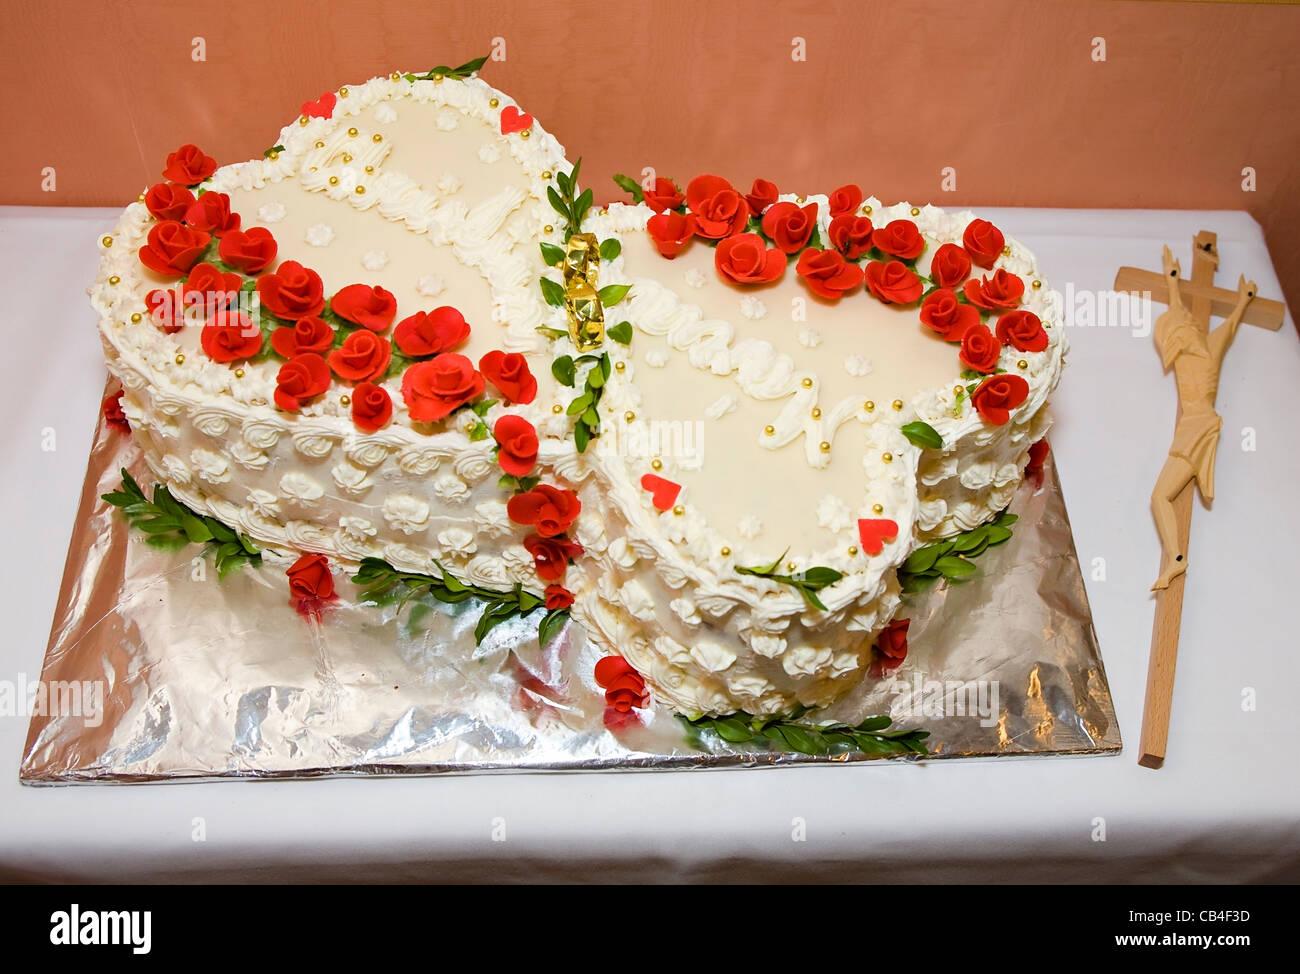 Hochzeitstorte In Form Von Herzen Mit Roten Rosen Aus Holz Zu